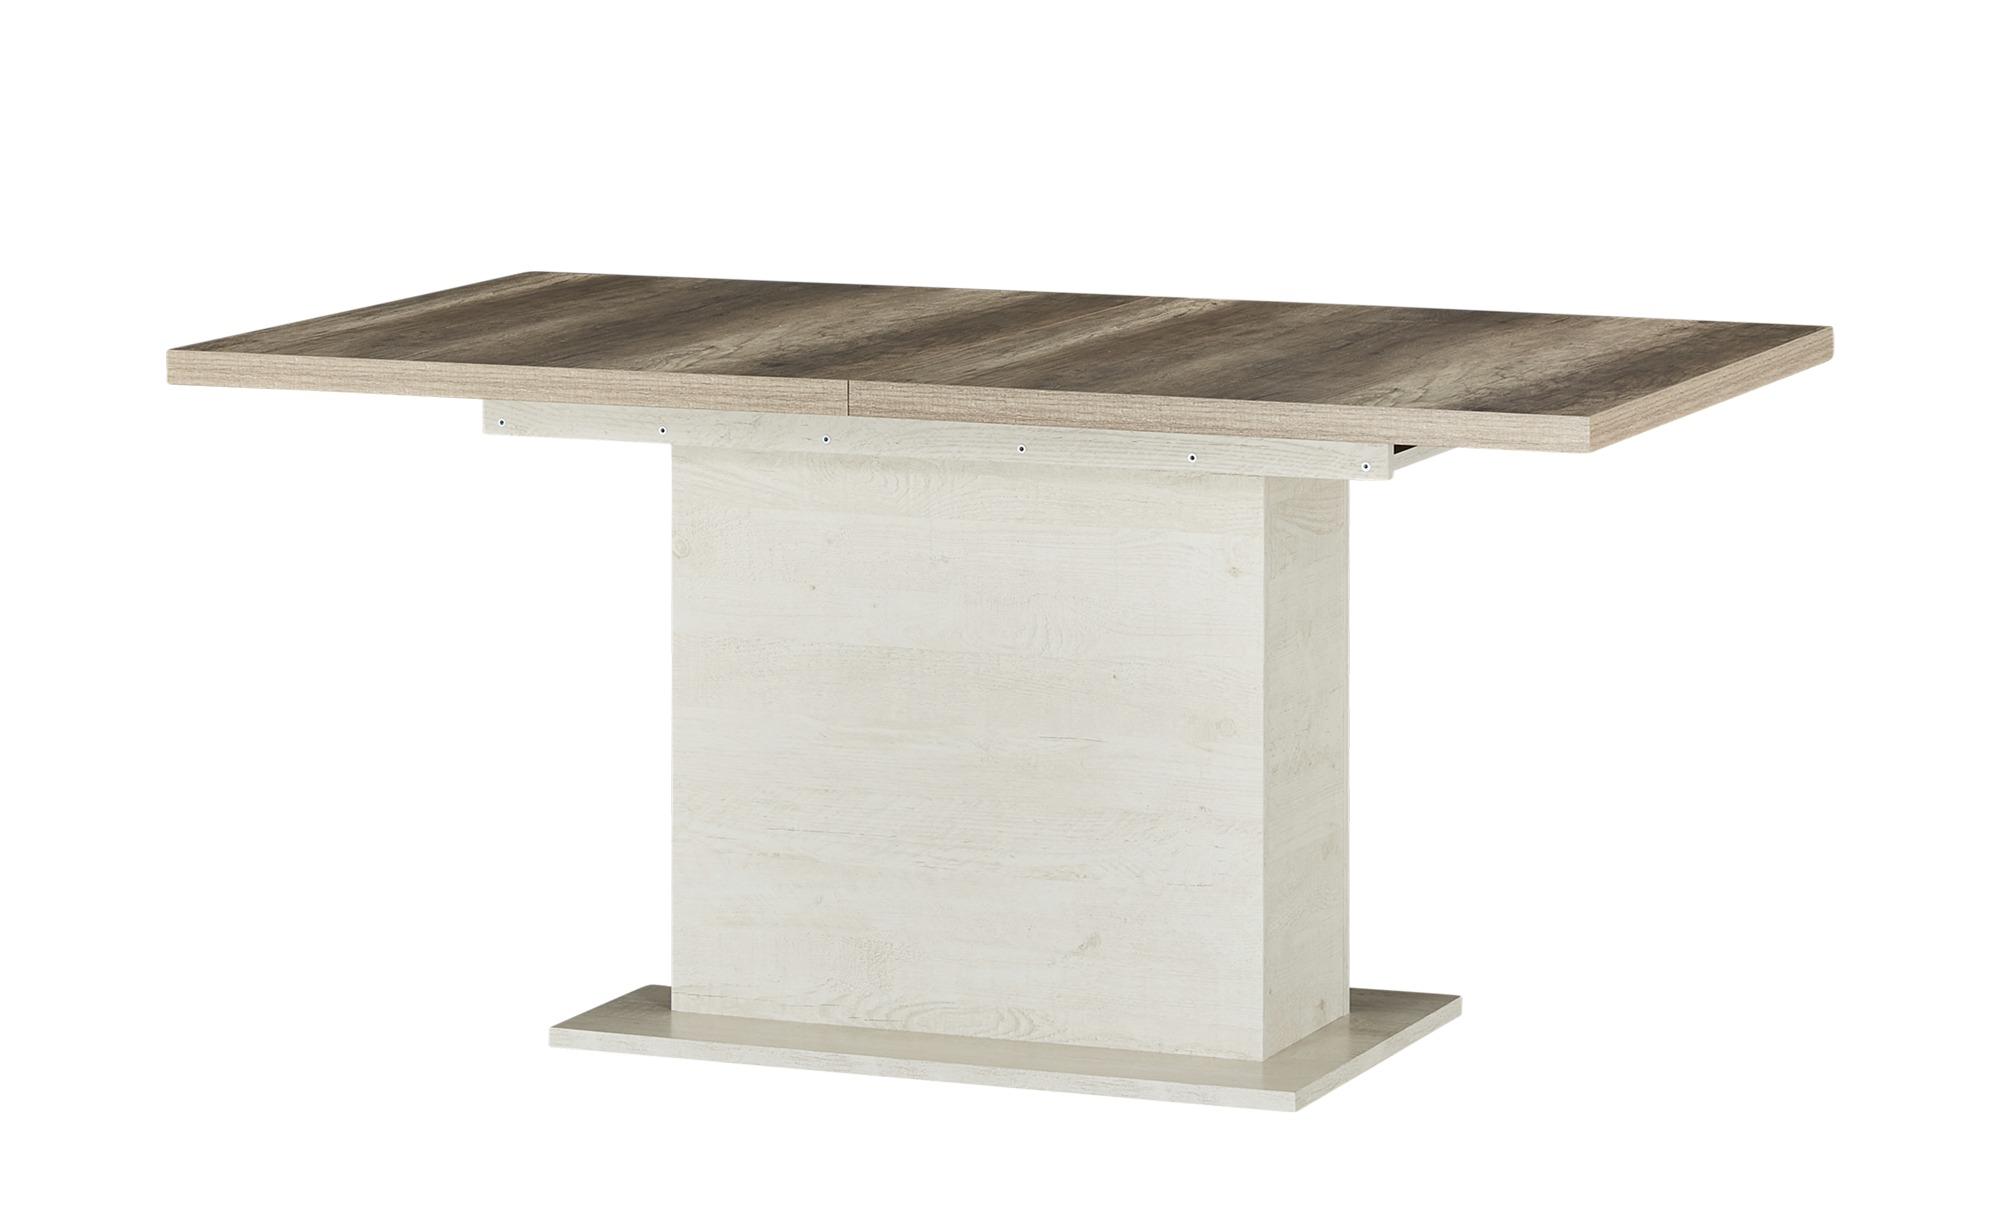 Esstisch  Viareggio ¦ weiß ¦ Maße (cm): B: 76,6 H: 90 Tische > Esstische > Esstische ausziehbar - Höffner